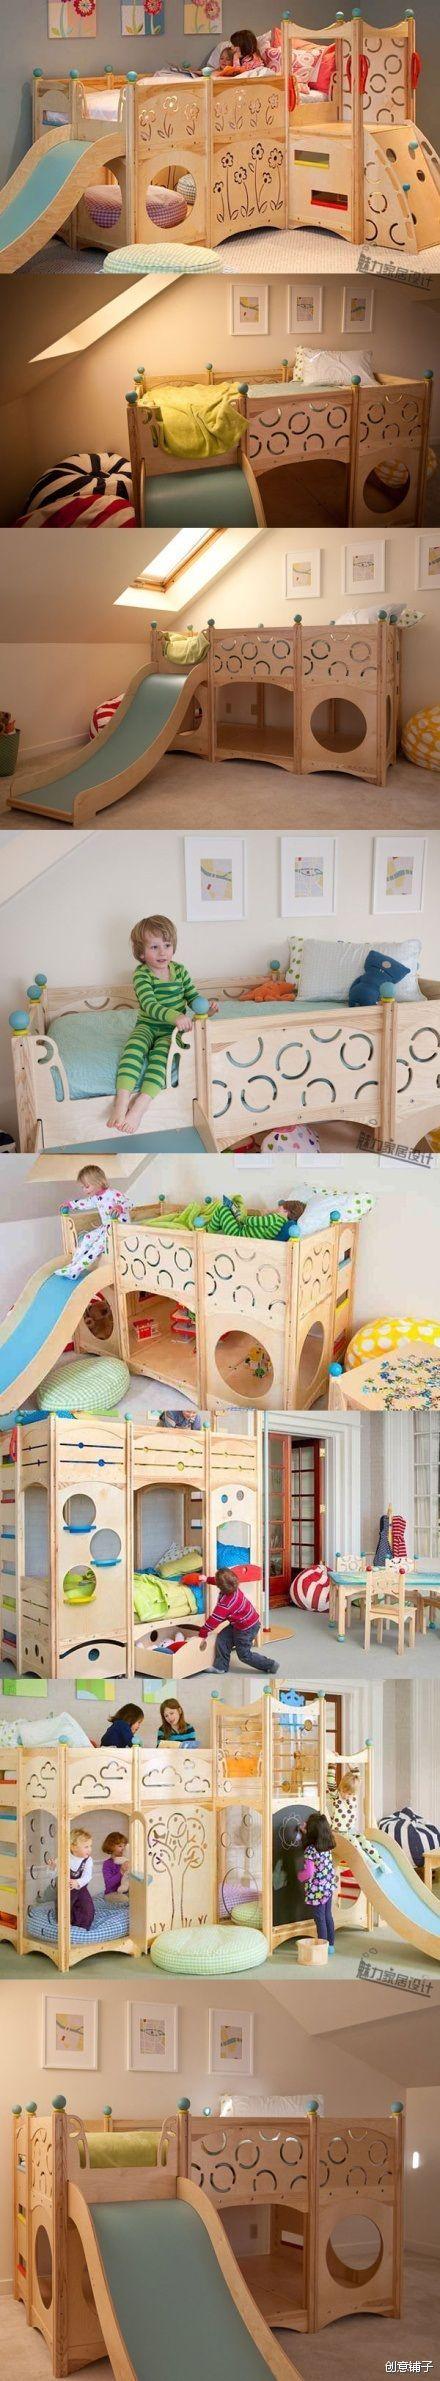 Cool Kids Room Idea